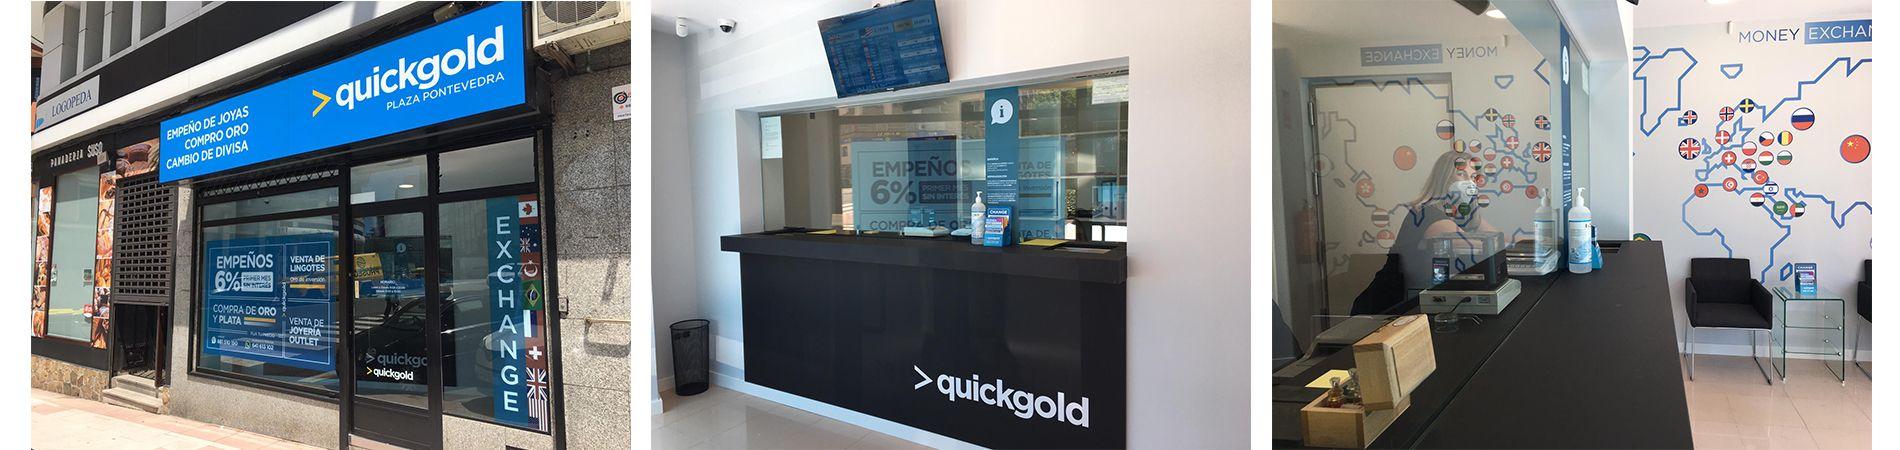 Fotos nueva tienda Quickgold en La Coruña (Plaza Pontevedra)